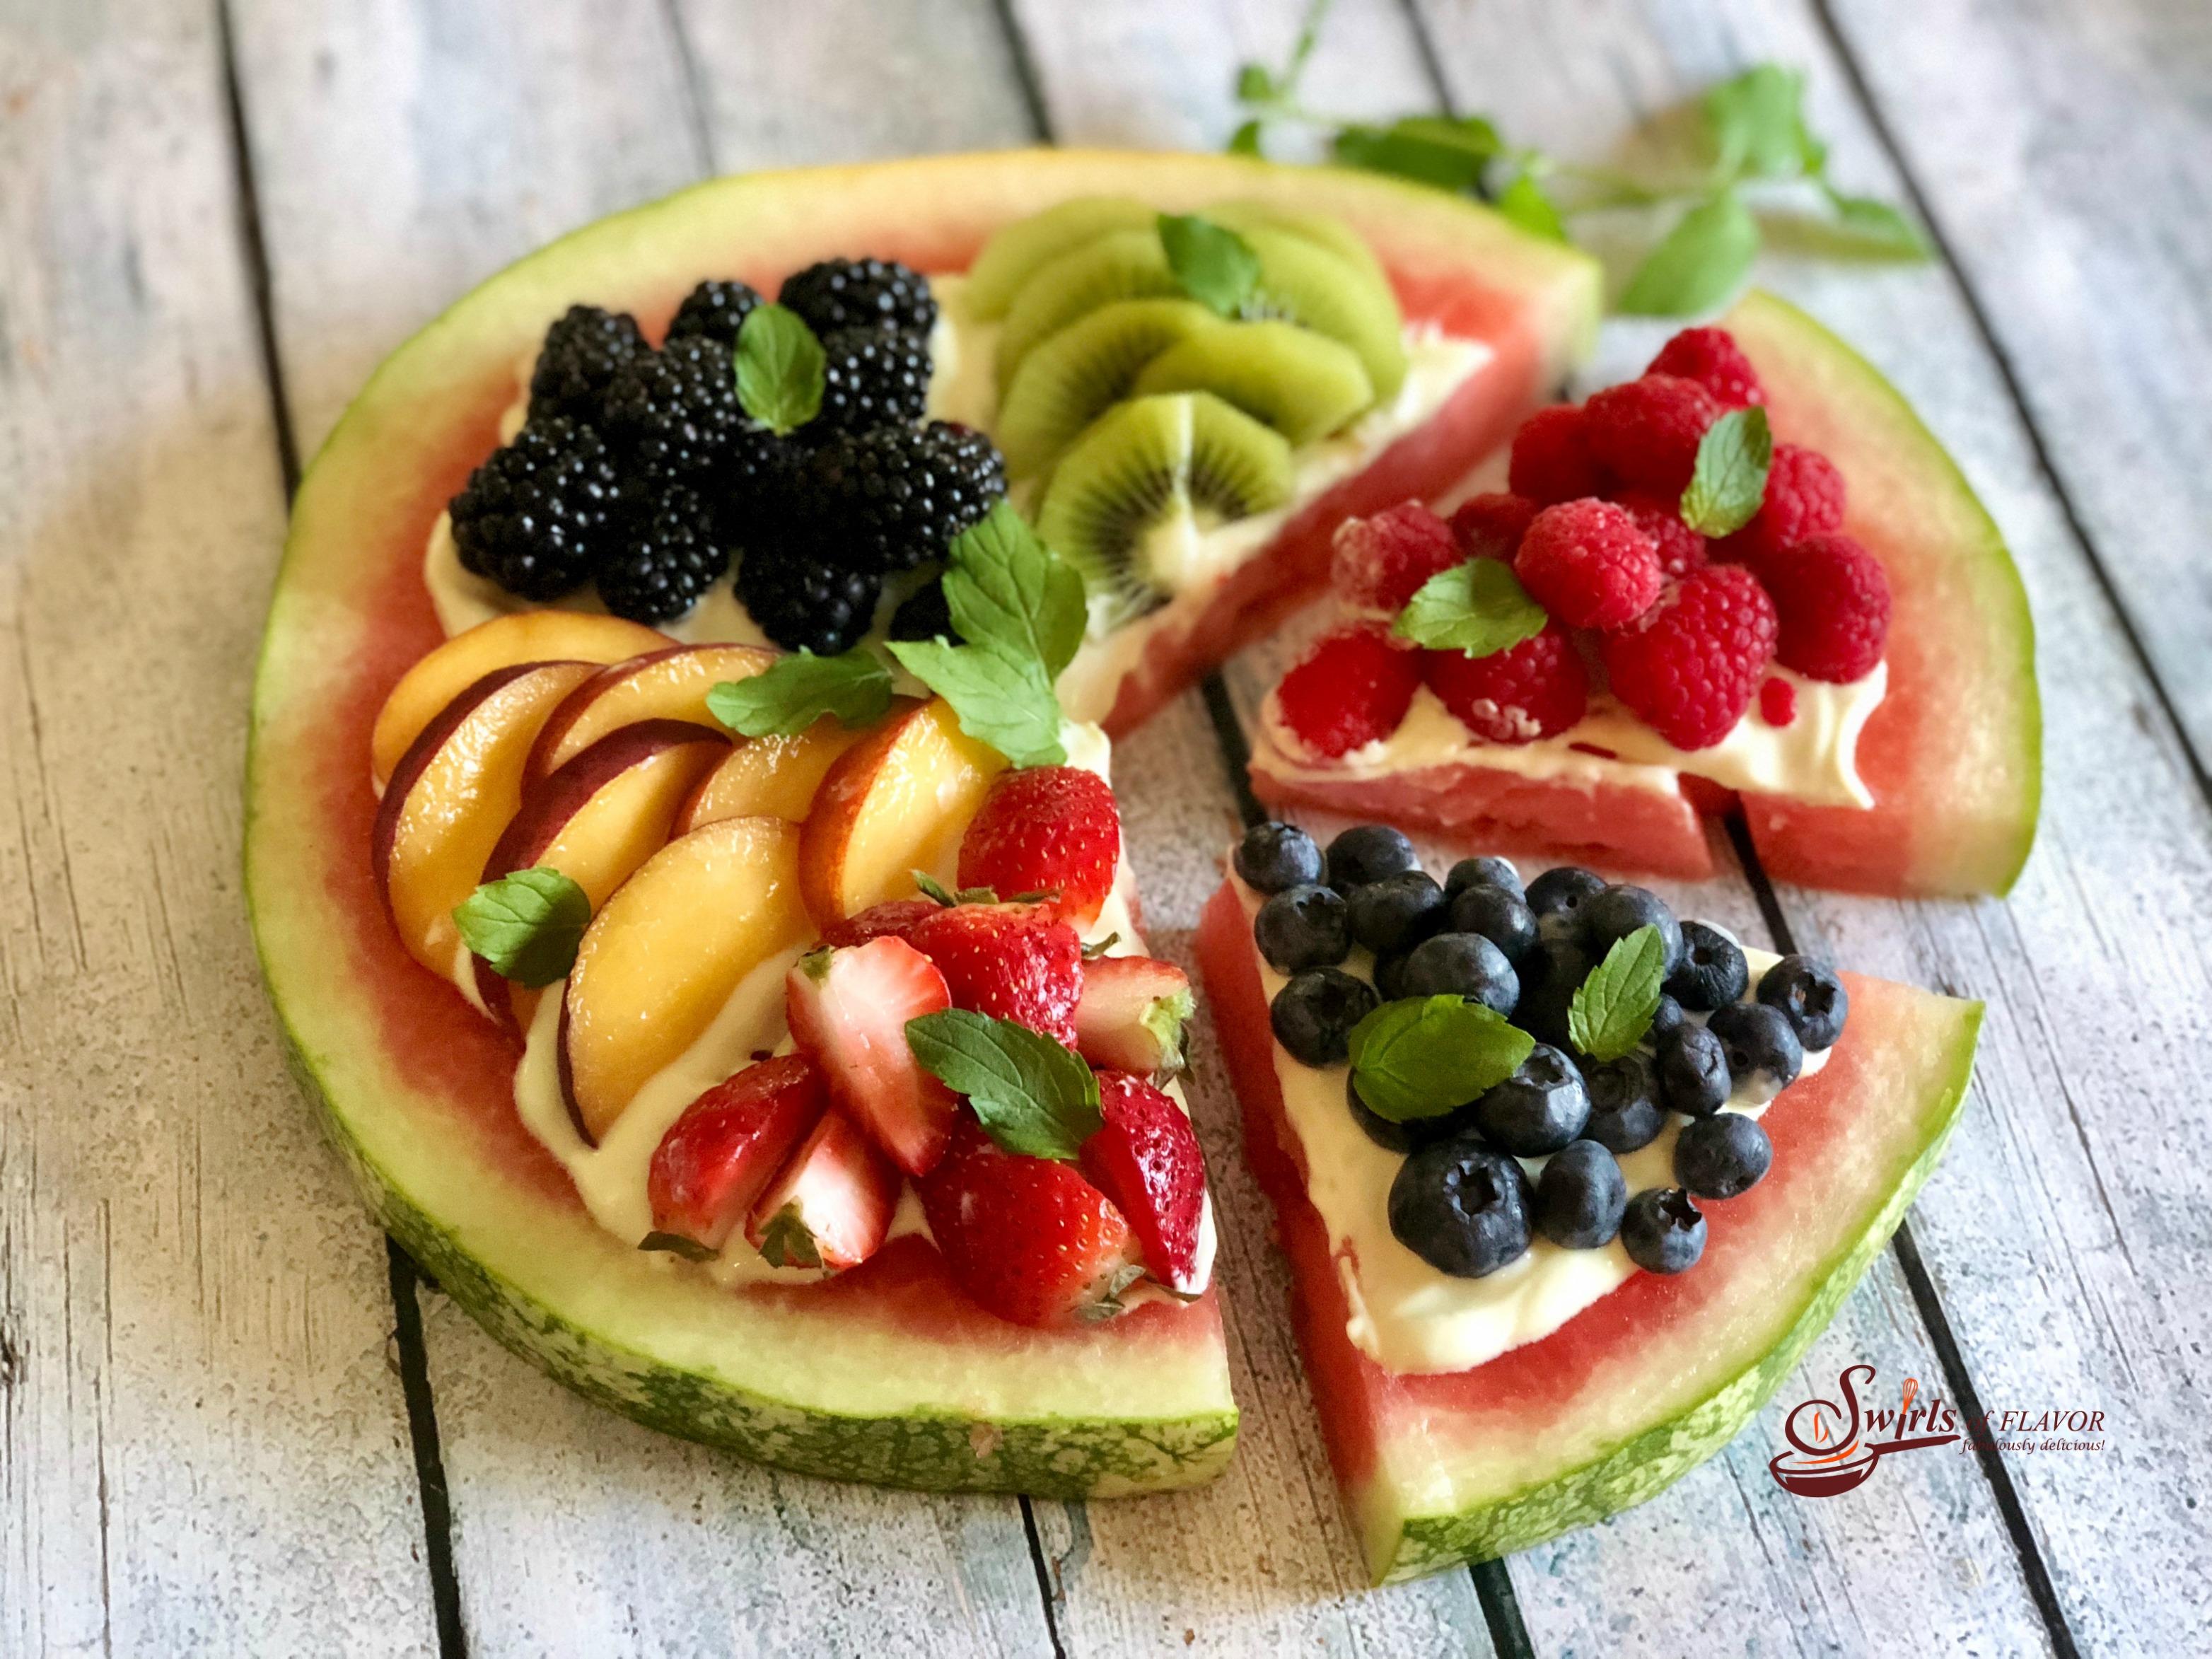 Watermelon peaches berries clipart jpg royalty free Watermelon Pizza jpg royalty free